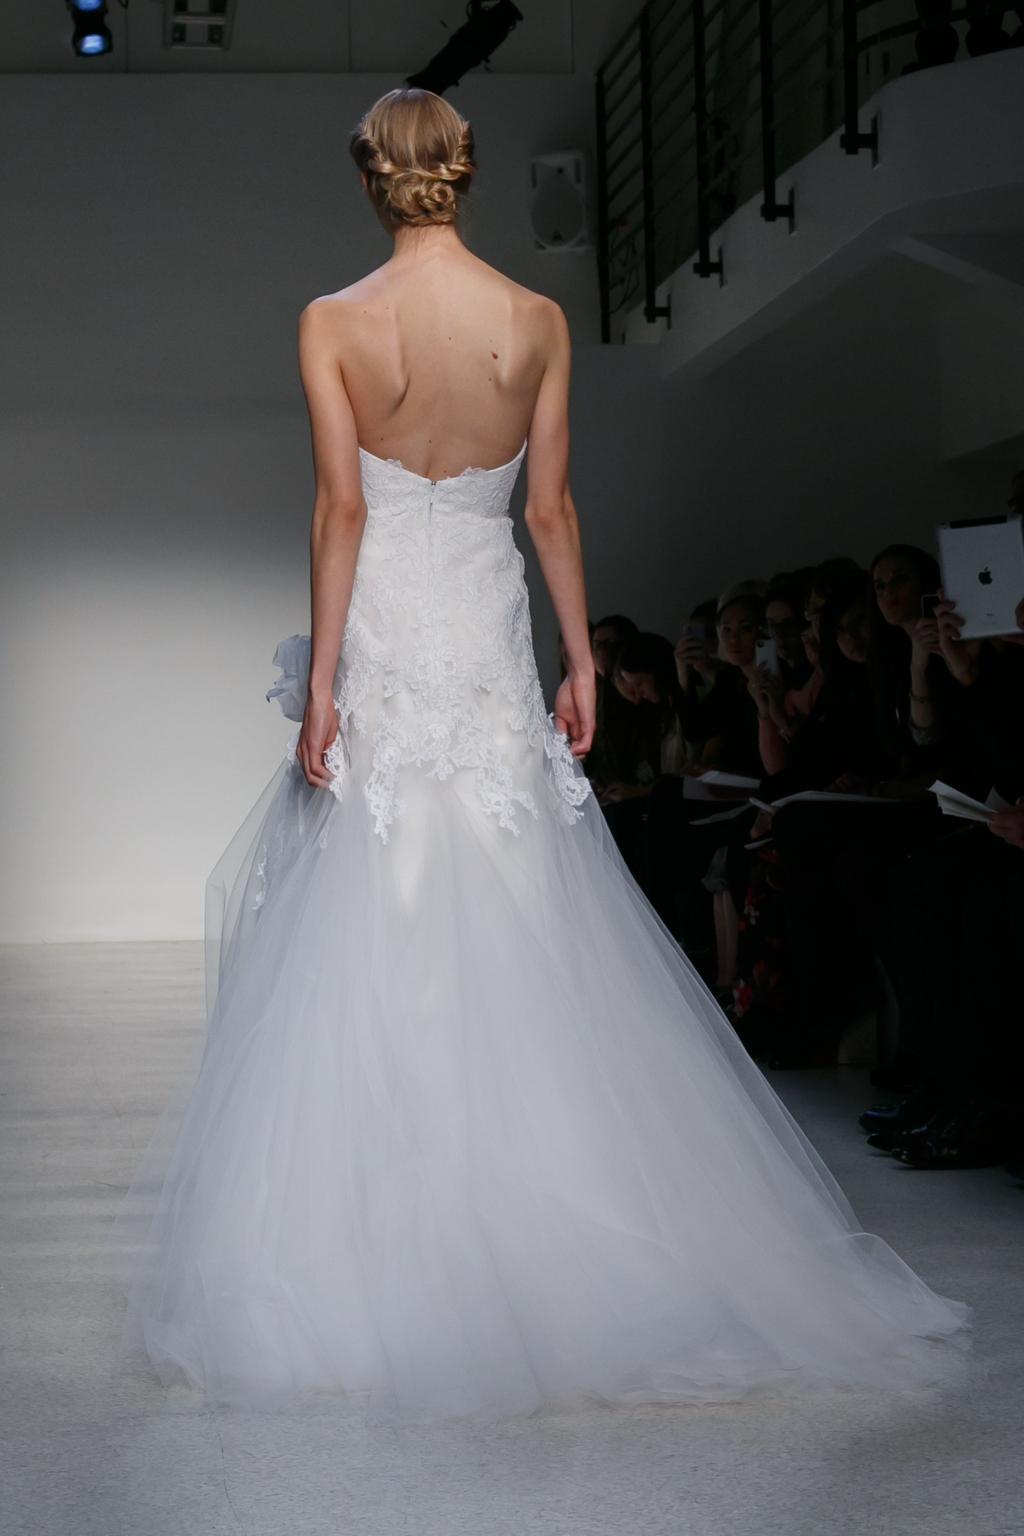 Fall-2013-wedding-dress-by-christos-amsale-bridal-10b.full